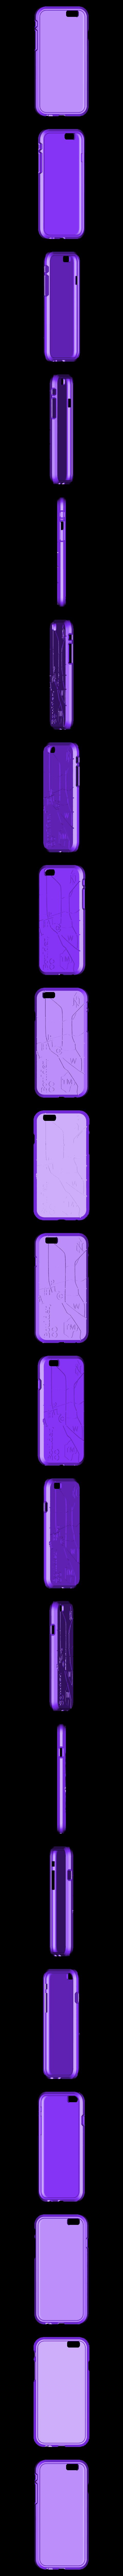 v7BoulderMapCasewCO_0.6x0.3to1.8back.stl Download free STL file Map Phone Case - Boulder, CO • Model to 3D print, BryanTheLion